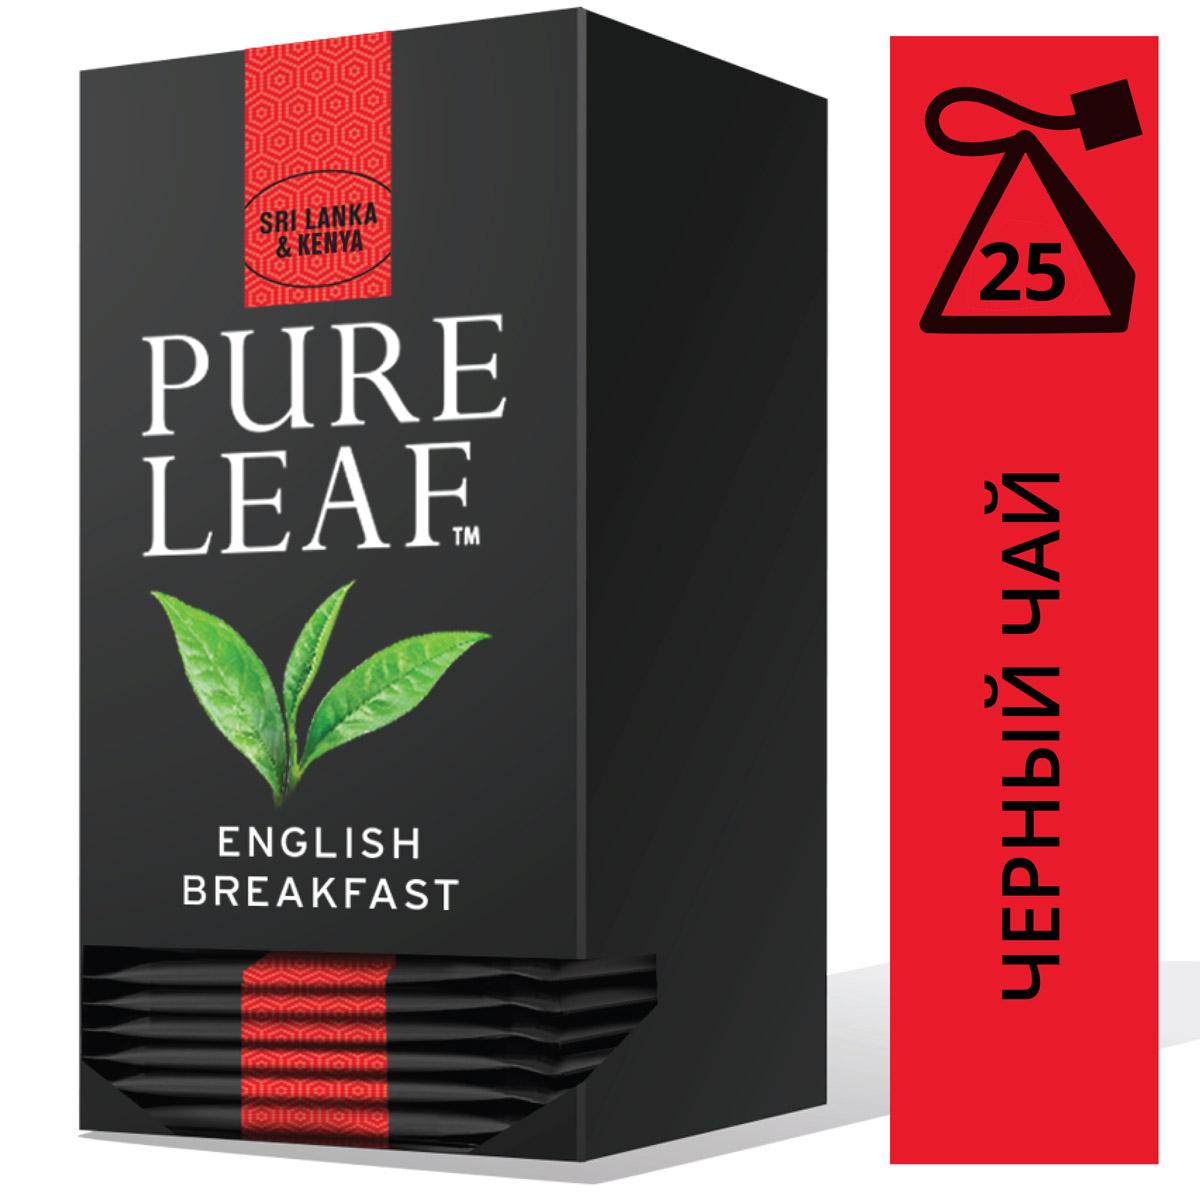 PURE LEAF черный чай в пакетиках English Breakfast (25шт) - Крупнолистовой чай